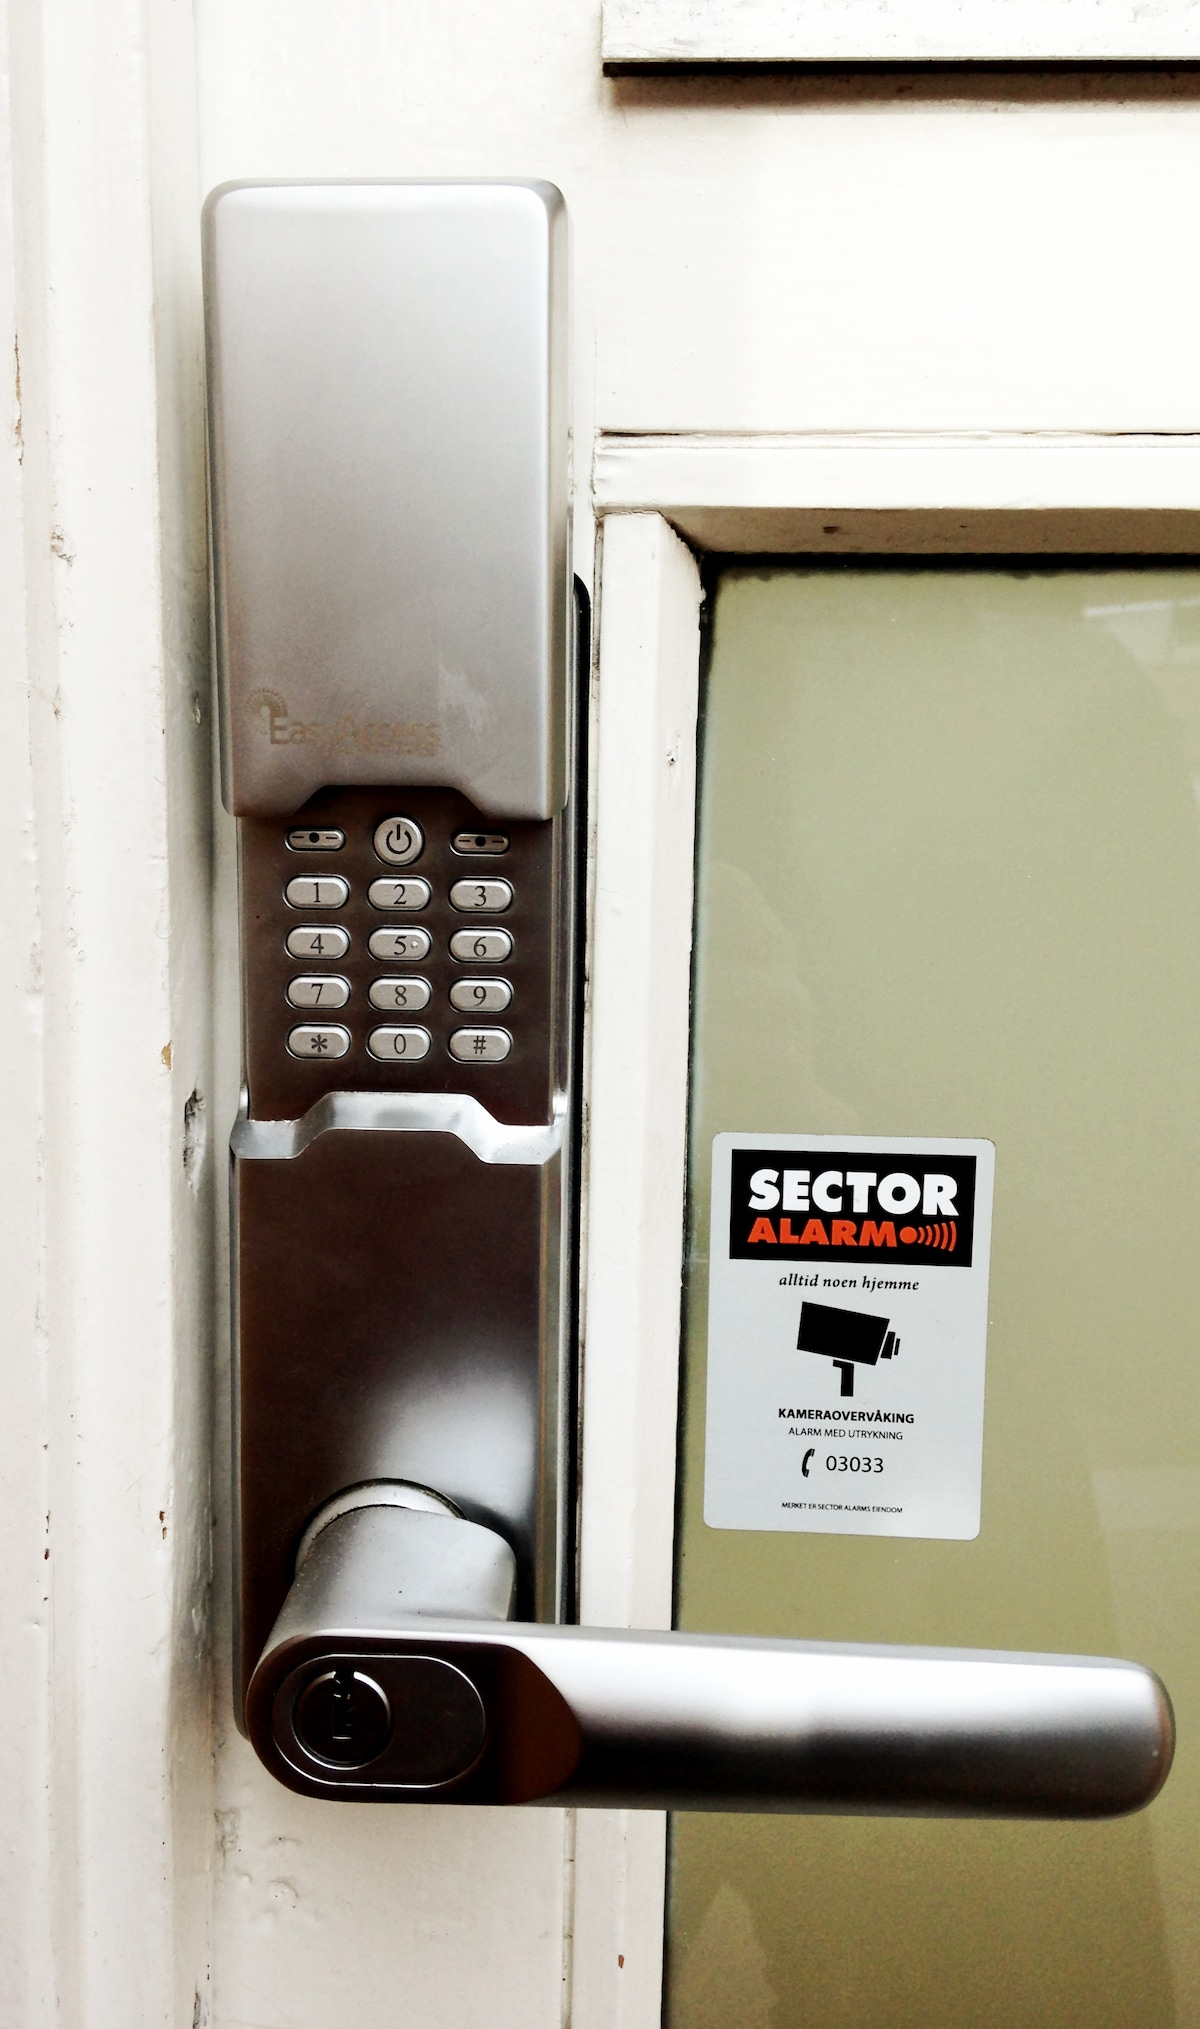 PIN Code Lock to the door. No keys needed.